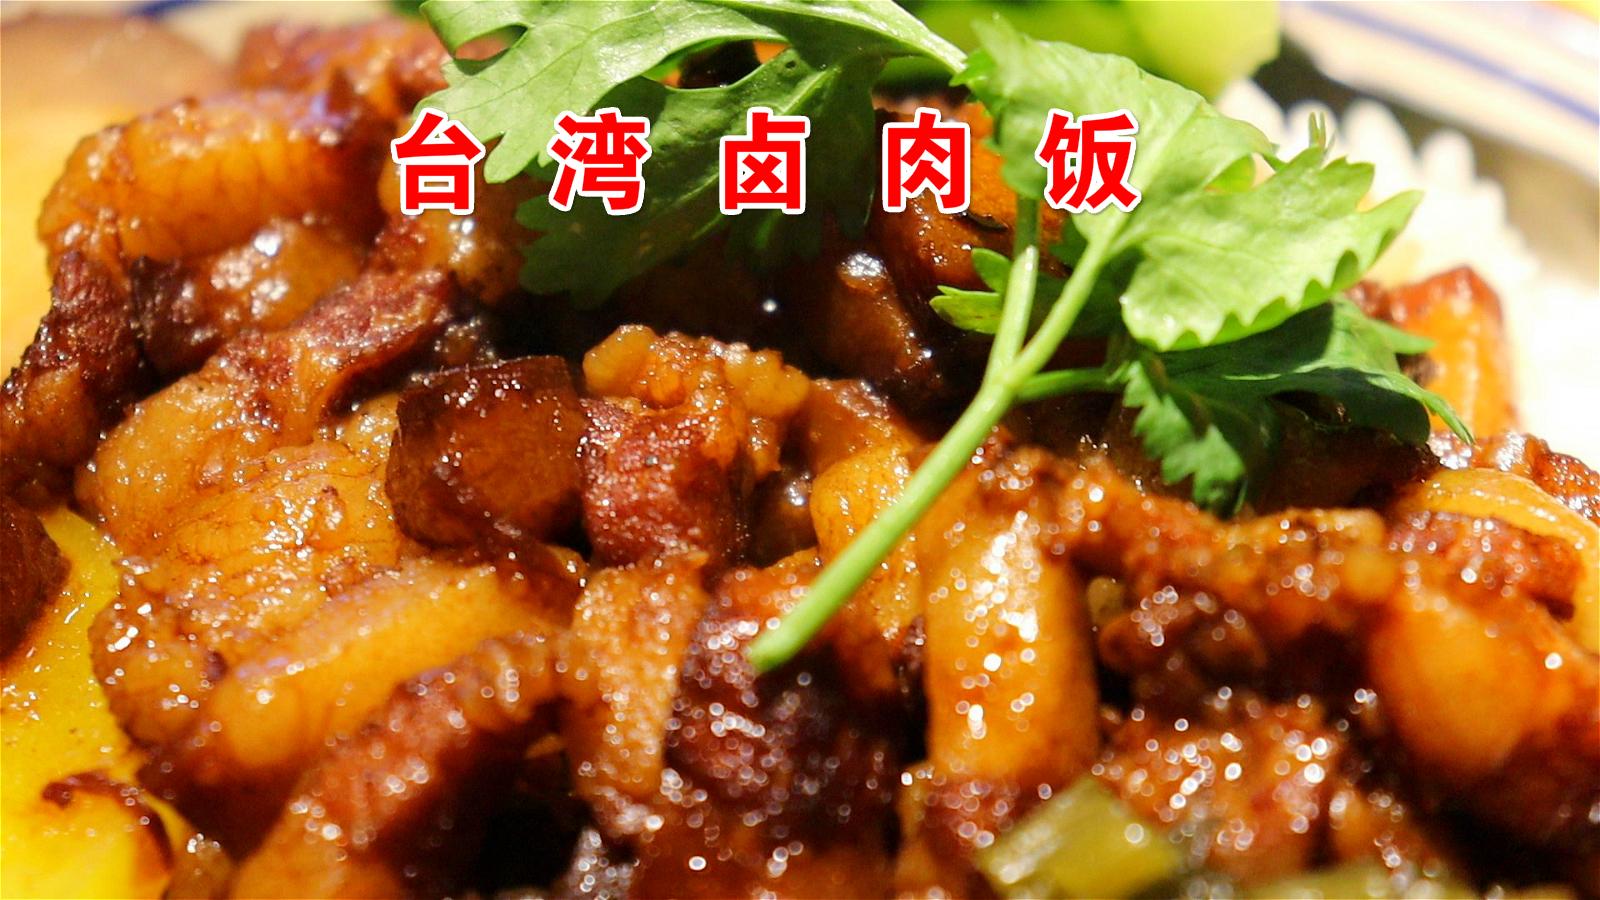 罗志祥也爱吃的卤肉饭!50块钱吃到饱,再来一份油腻腻的卤猪脚!